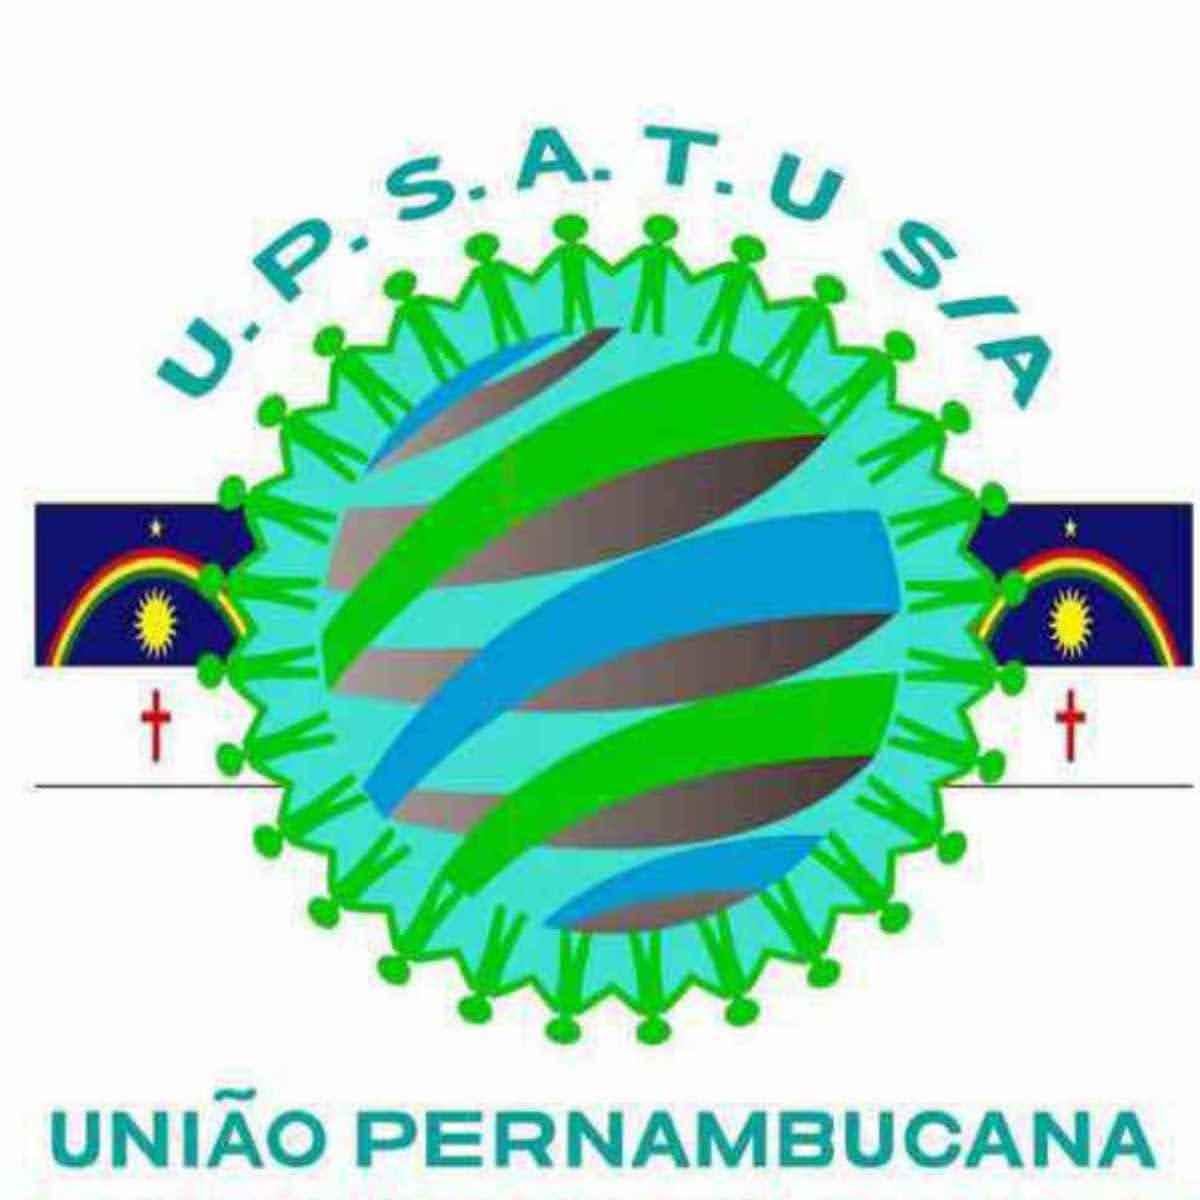 União Pernambucana Brasil representações